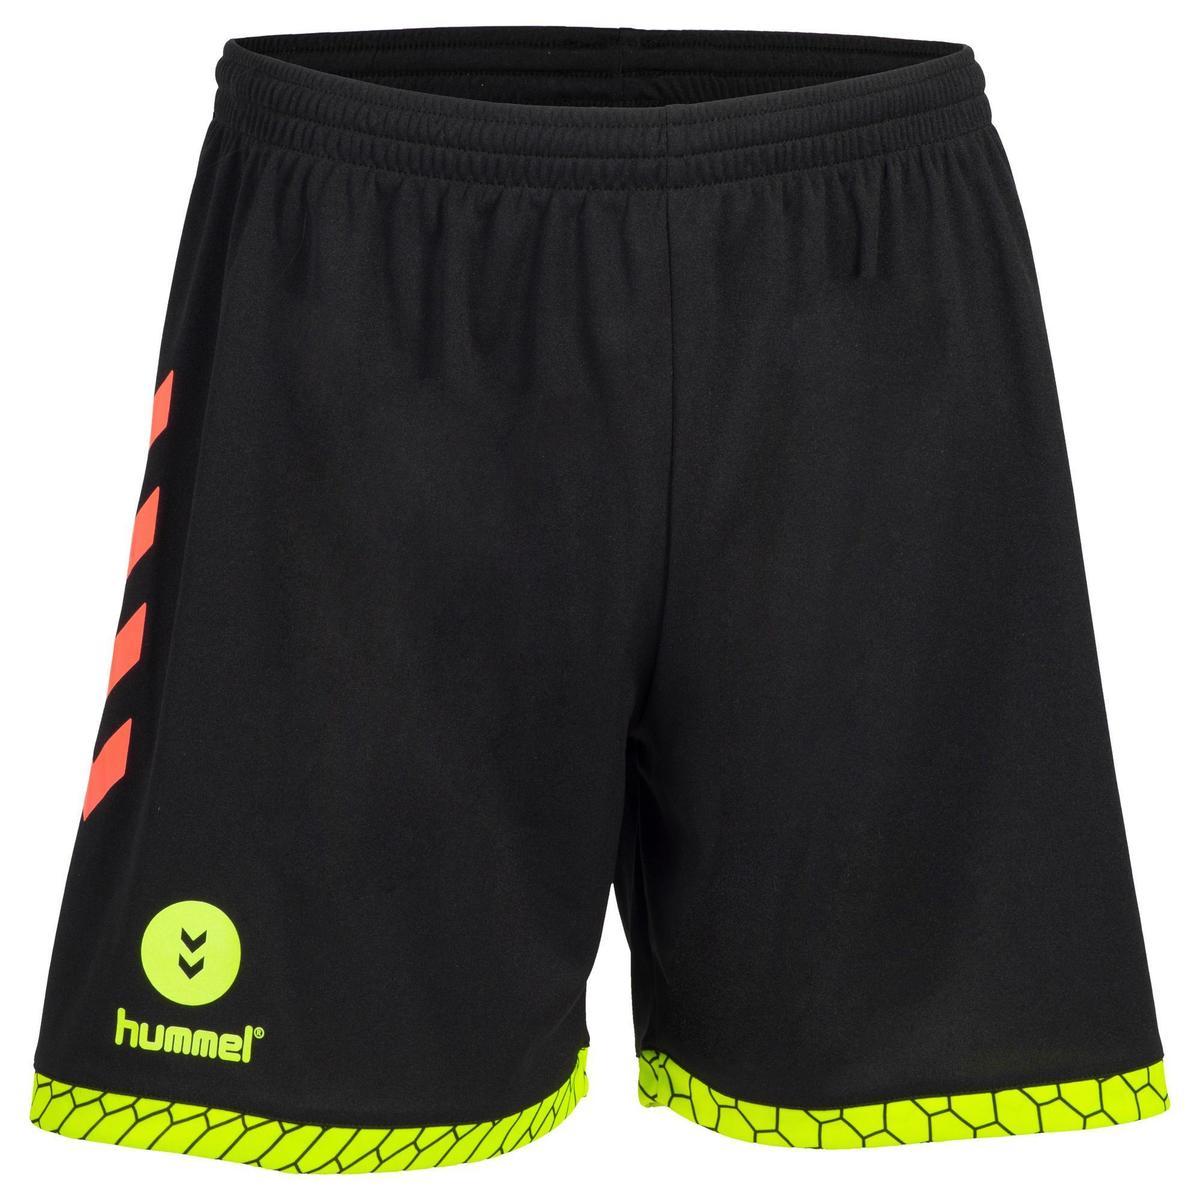 Bild 1 von Handball-Shorts Herren schwarz/orange/gelb